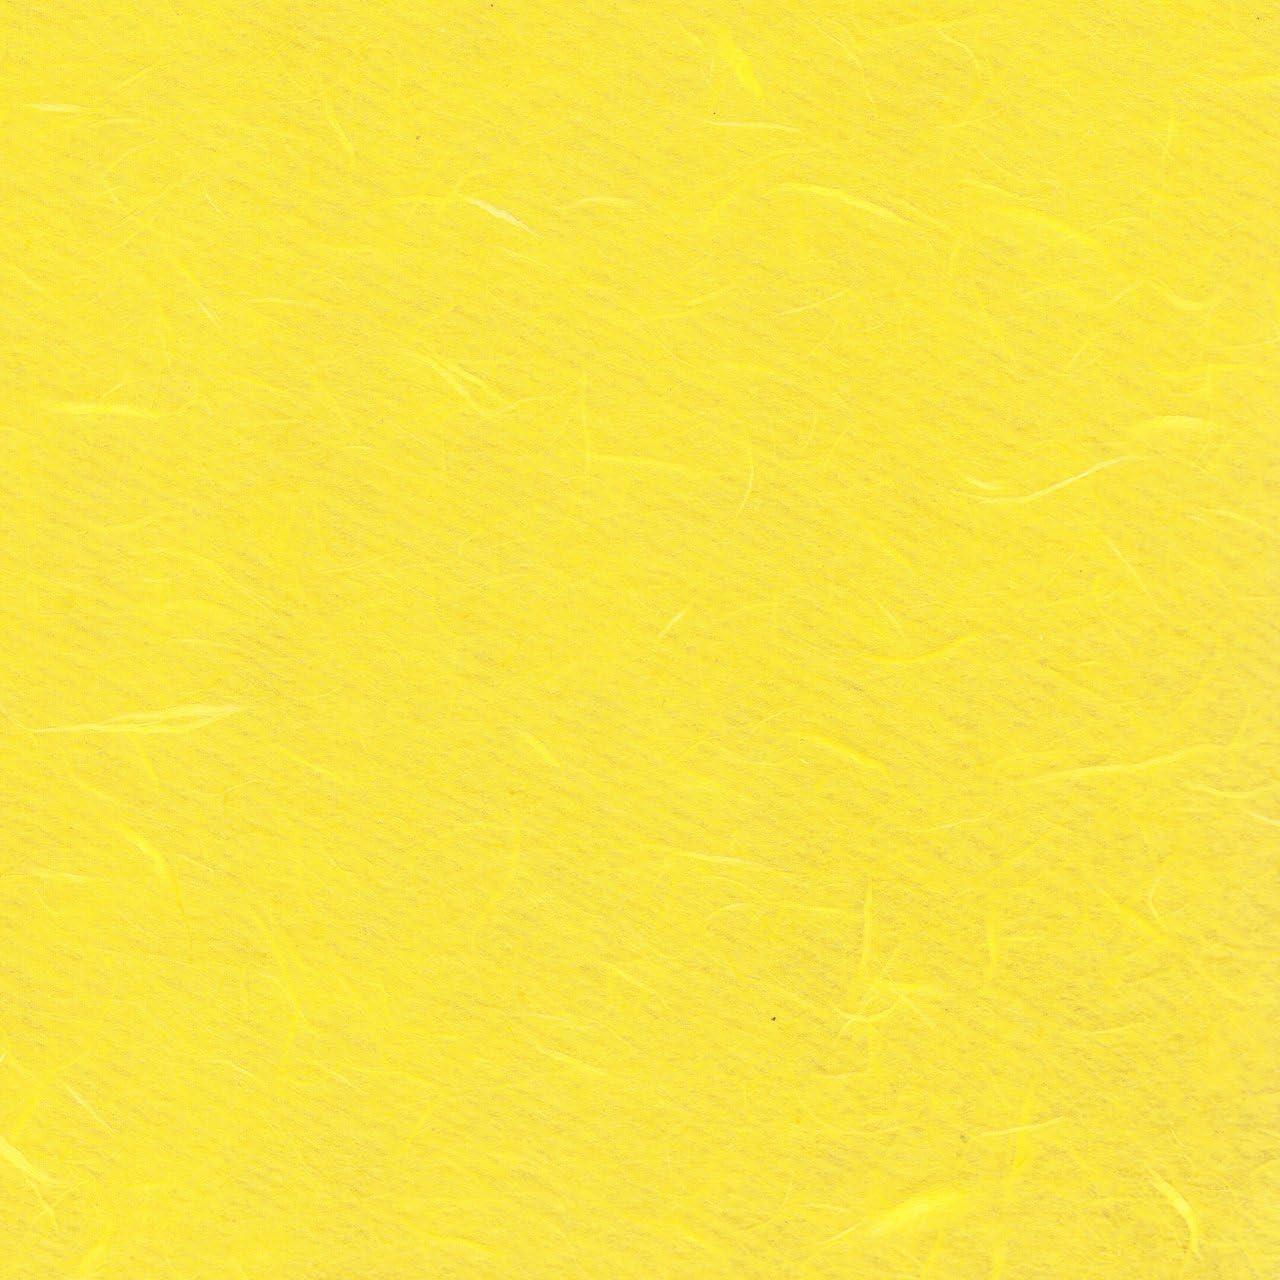 Blocco da disegno colore: Avorio verticale Pink Pig ritratti carta bianca formato A4 motivo: Posh Silk Pig